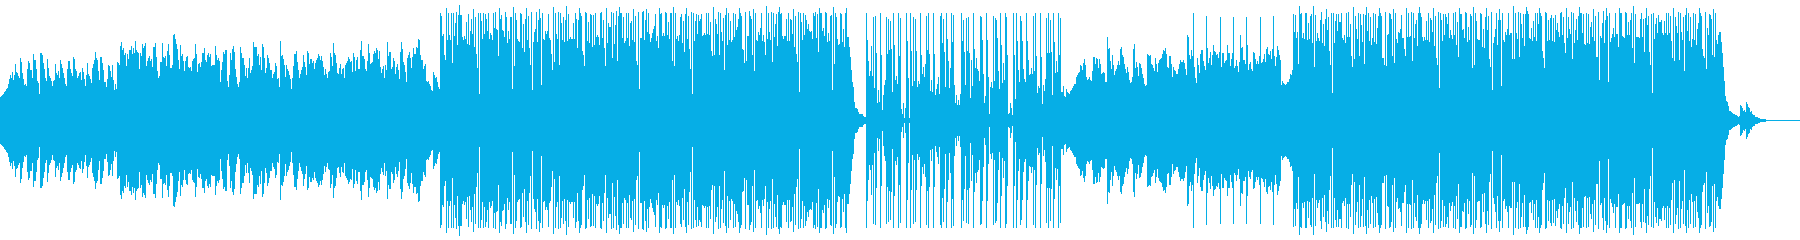 テンポの良いアメリカンHiphopの再生済みの波形